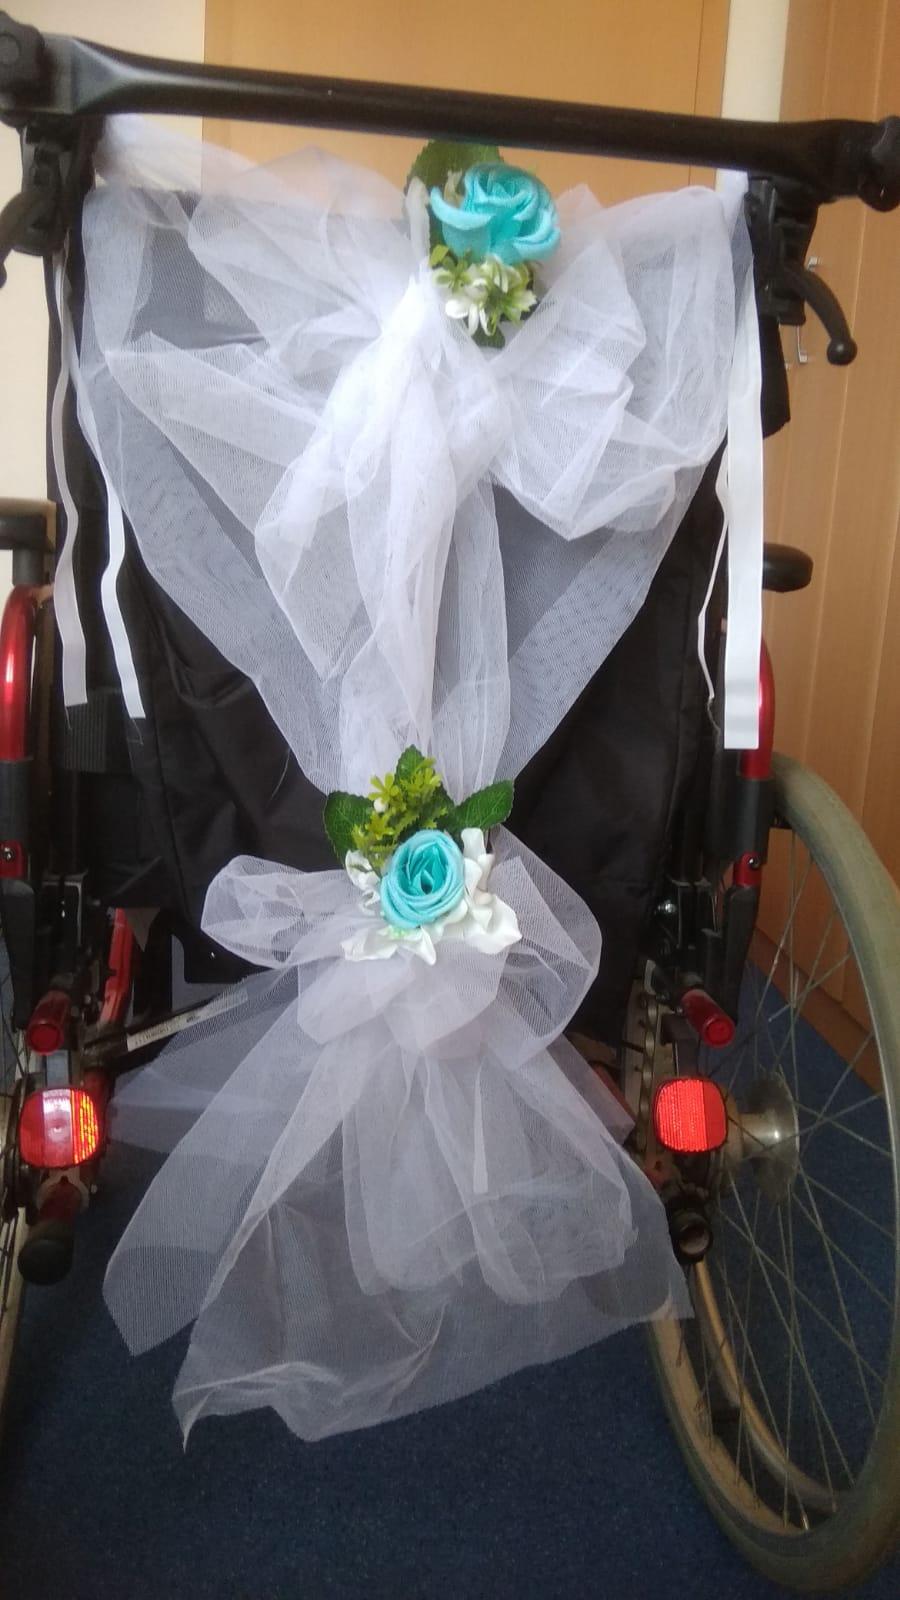 Zdobit se má všechno, tedy i můj vozík a berle. Třeba takto: - Obrázek č. 1